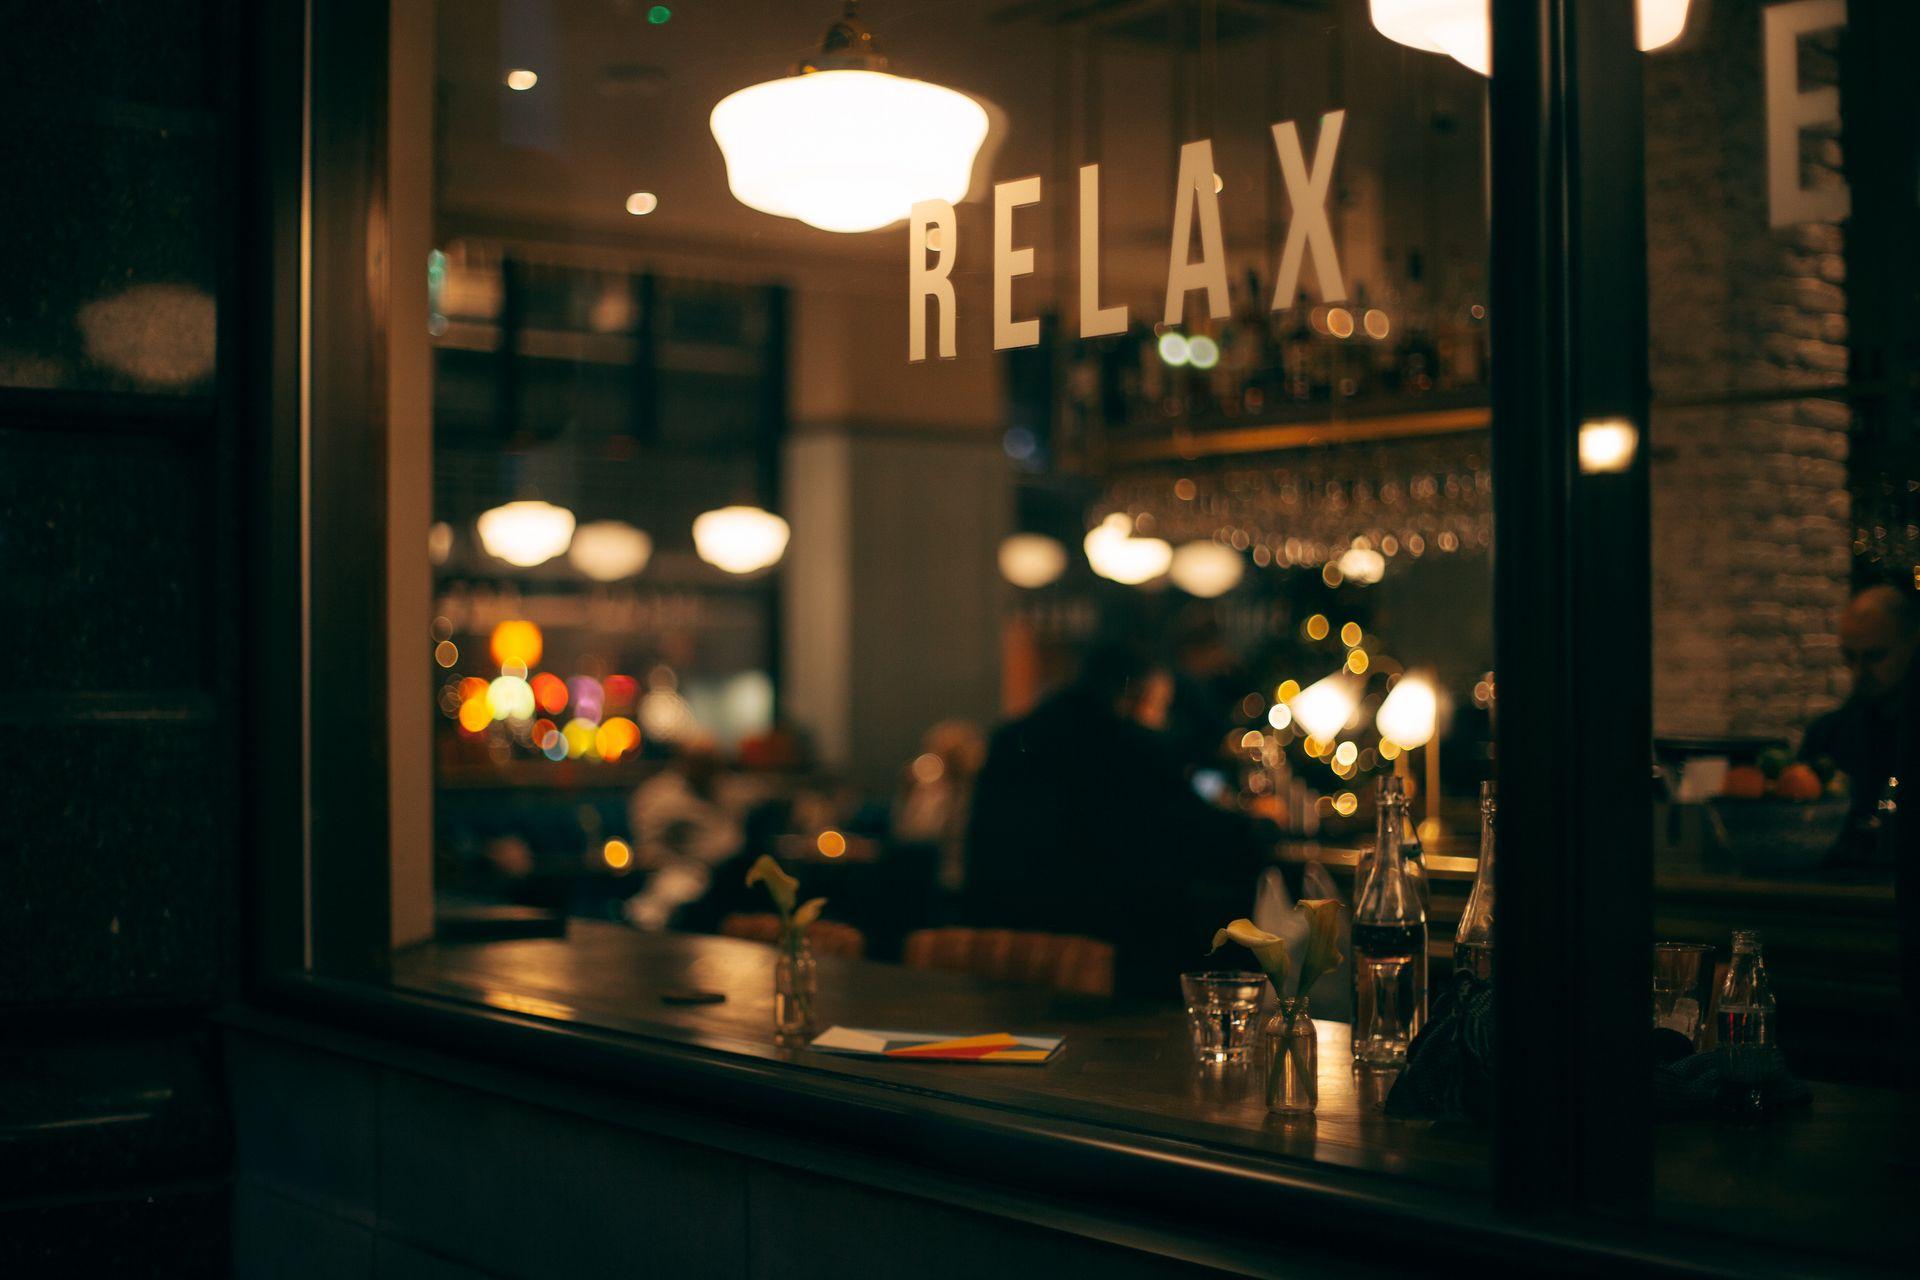 Beleuchtetes Café am Abend